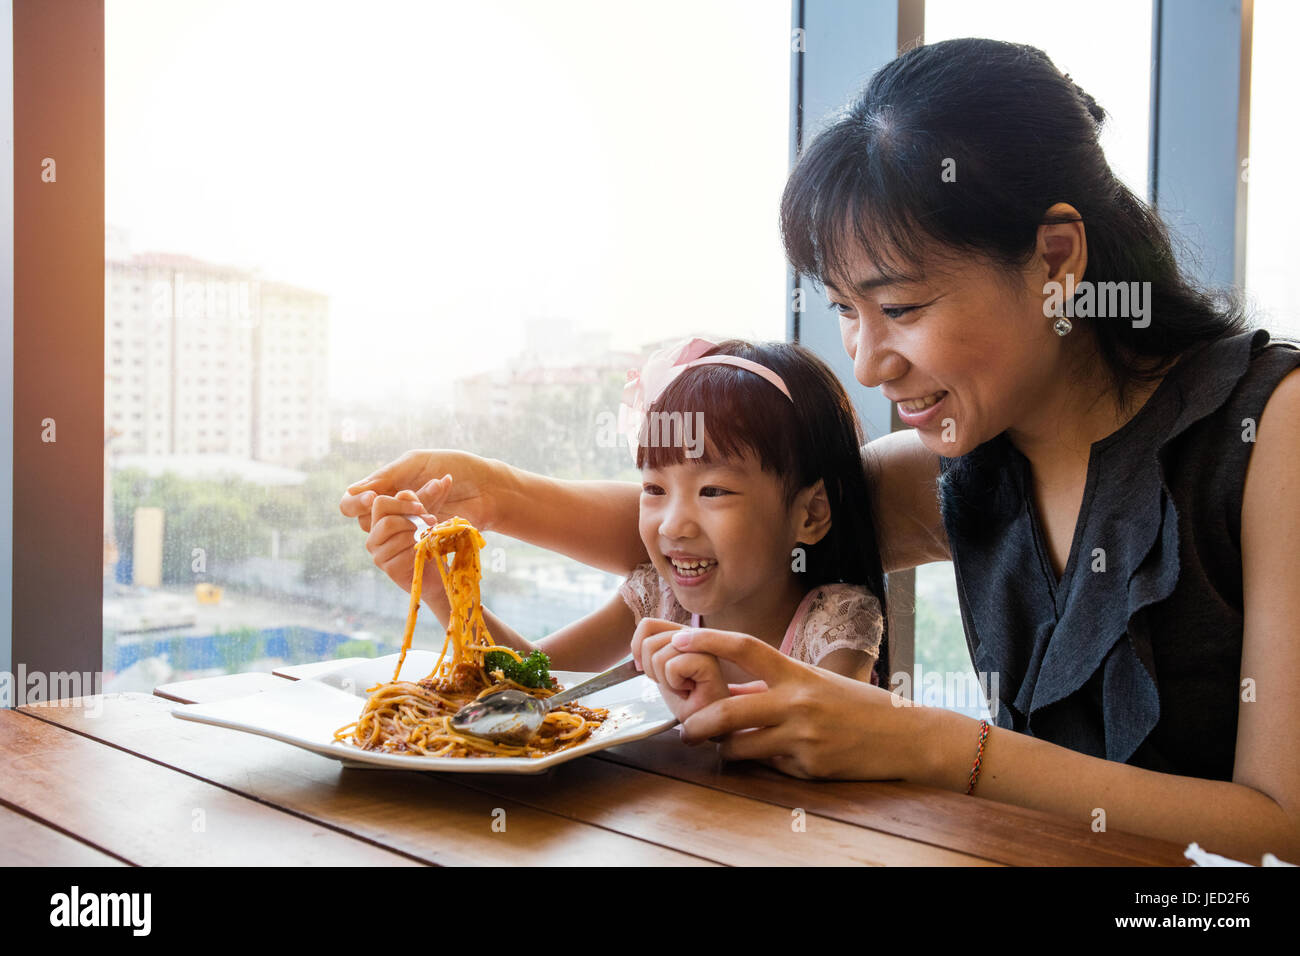 Asiatische chinesische Mutter und Tochter, die Spaghetti Bolognese im Restaurant zu essen. Stockbild